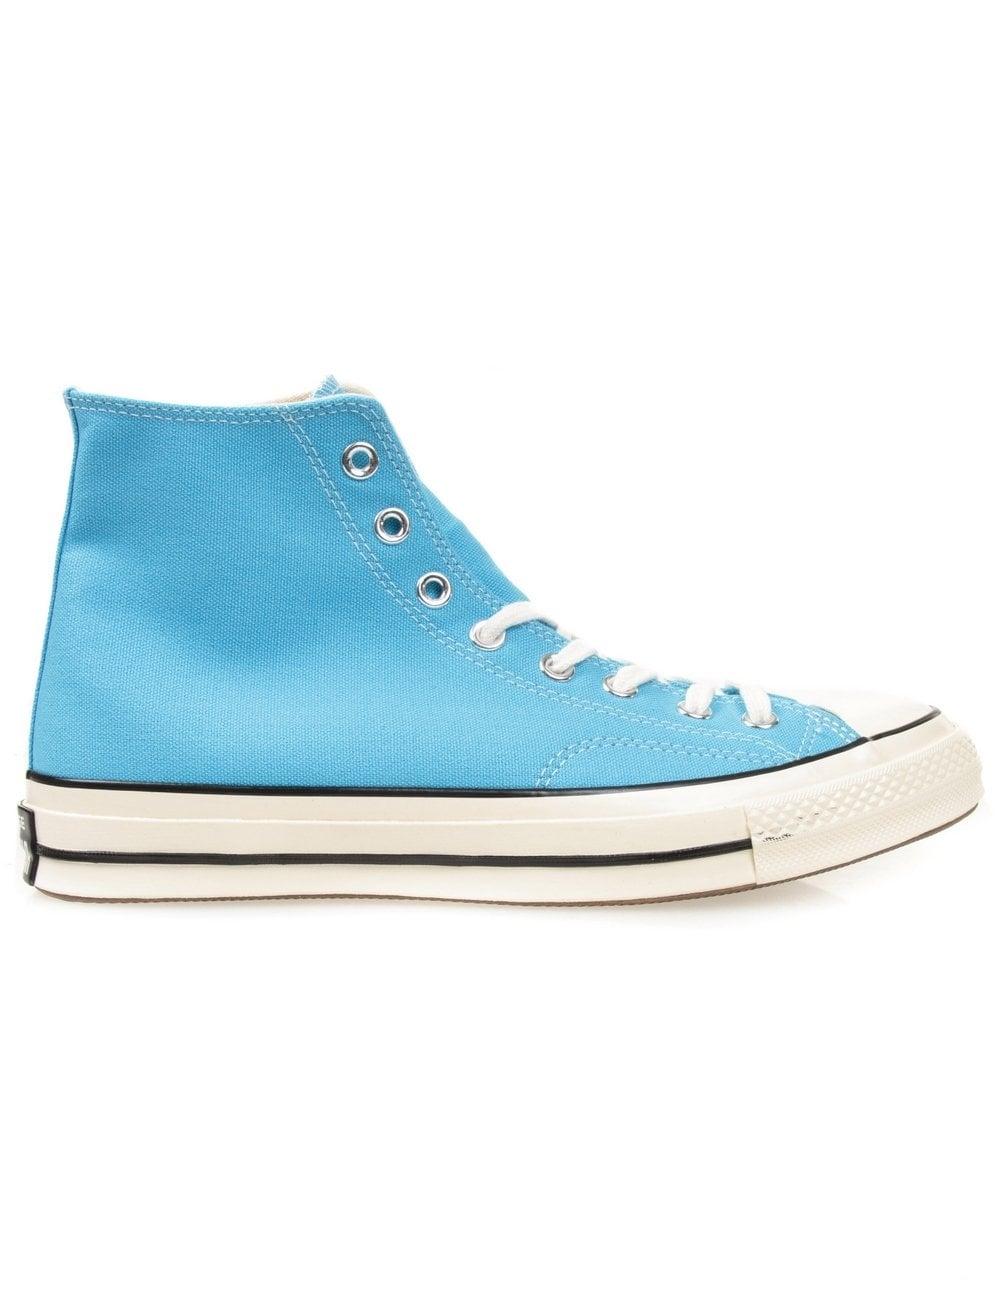 Converse Chuck Taylor 70s Hi Boots